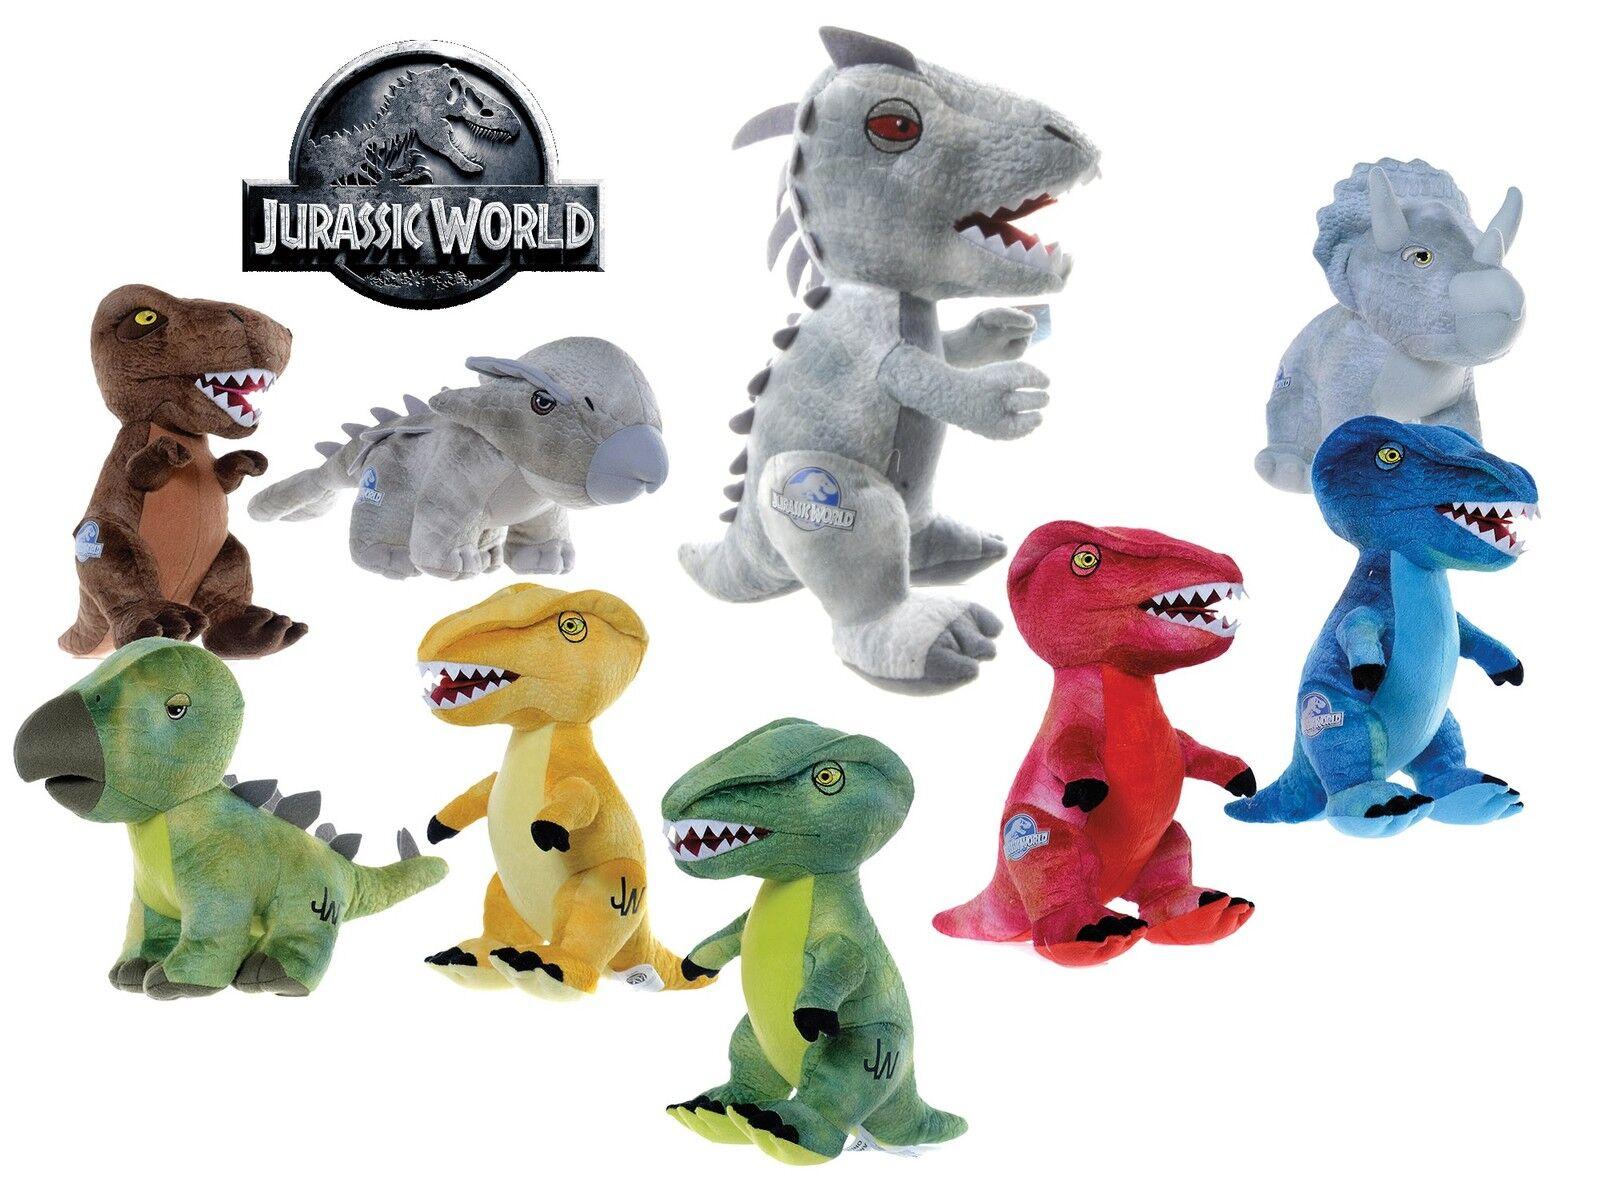 New Official 12 Quot Jurassic World Jurassic Park Dinosaur